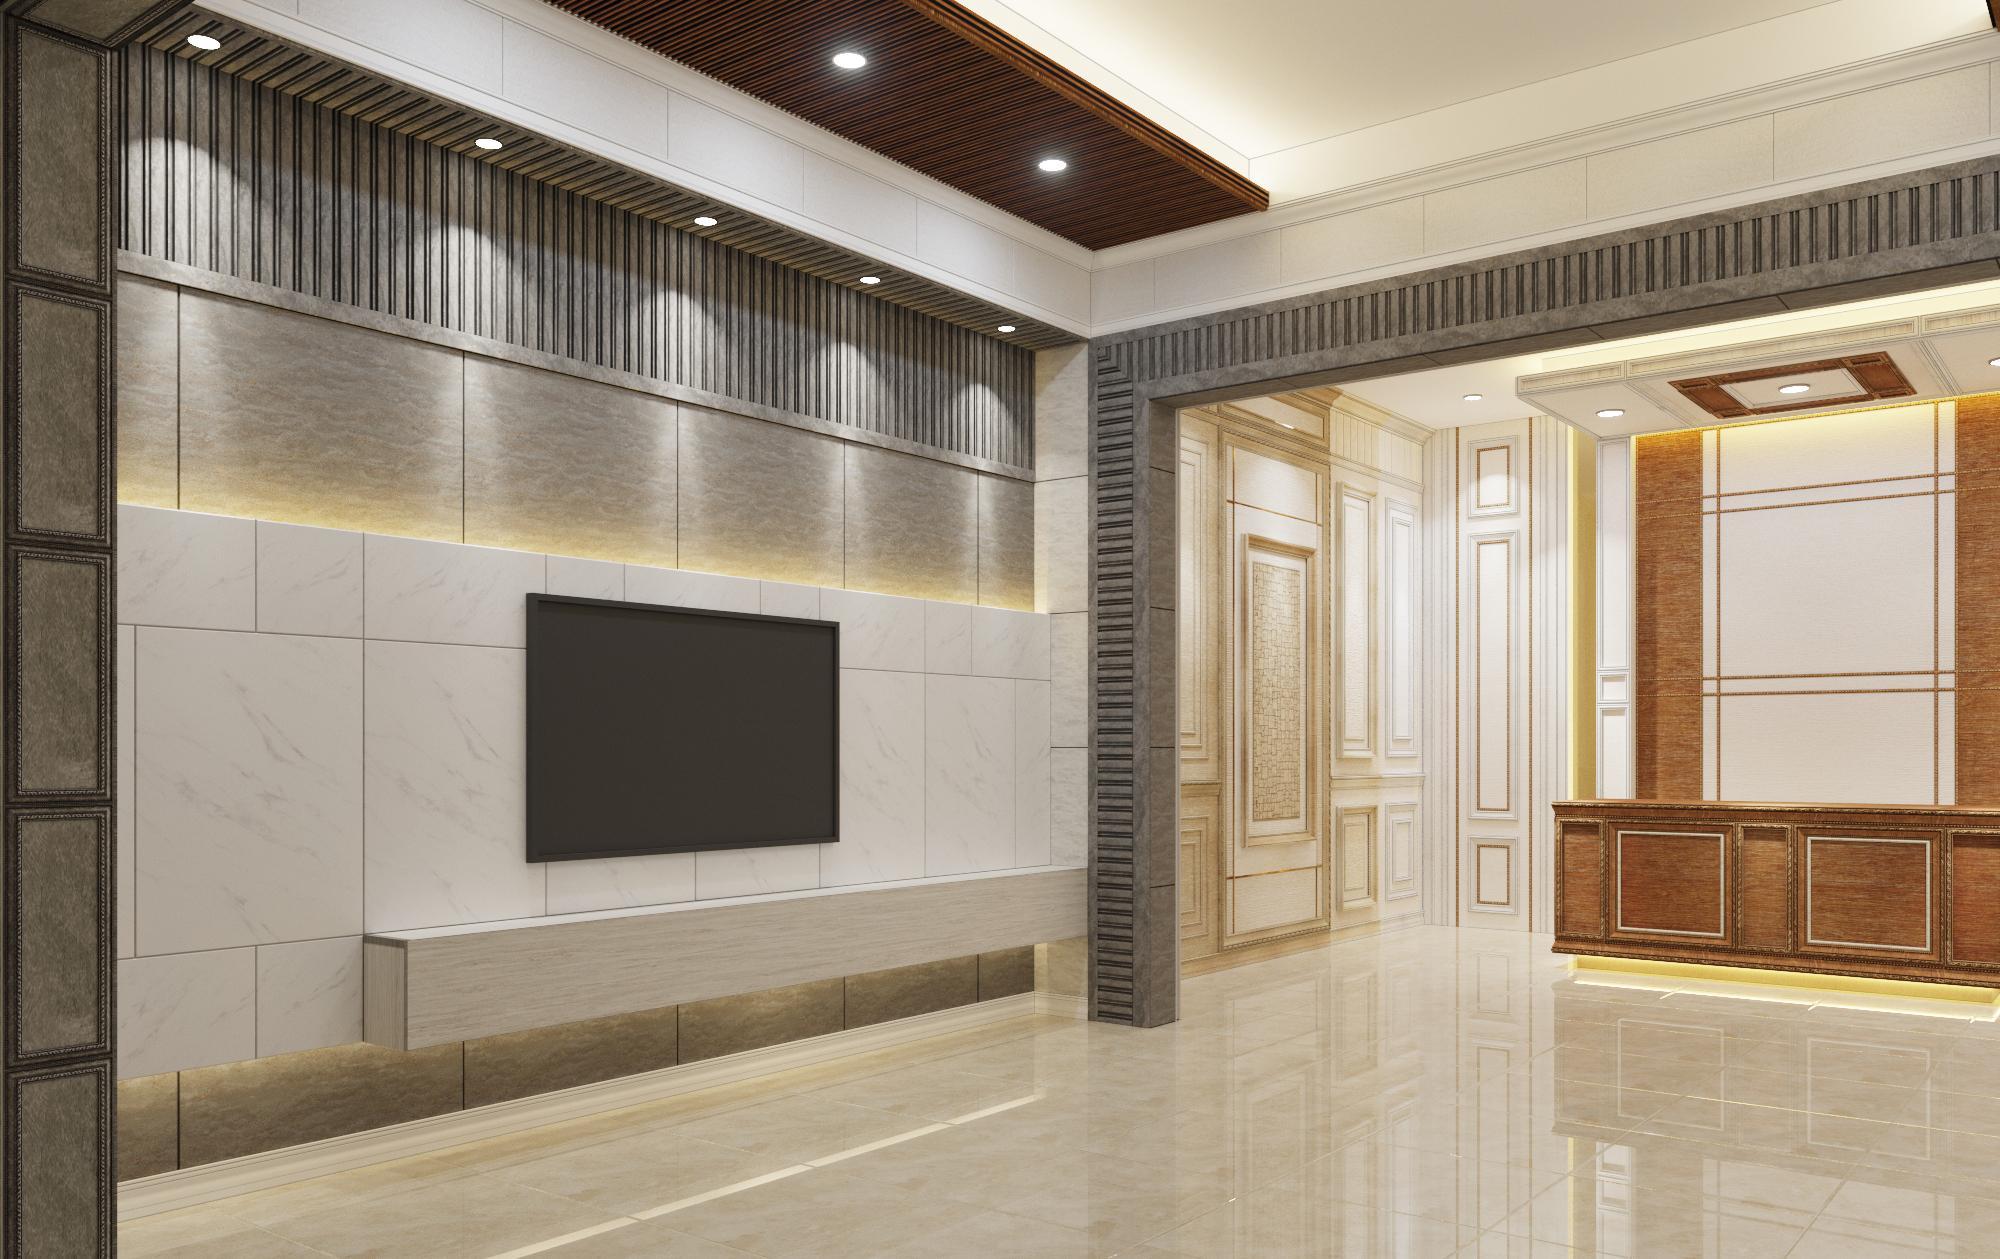 Thiết kế showroom đẹp bằng những sản phẩm cao cấp: phào chỉ, lam nhựa, gạch nhựa 3D